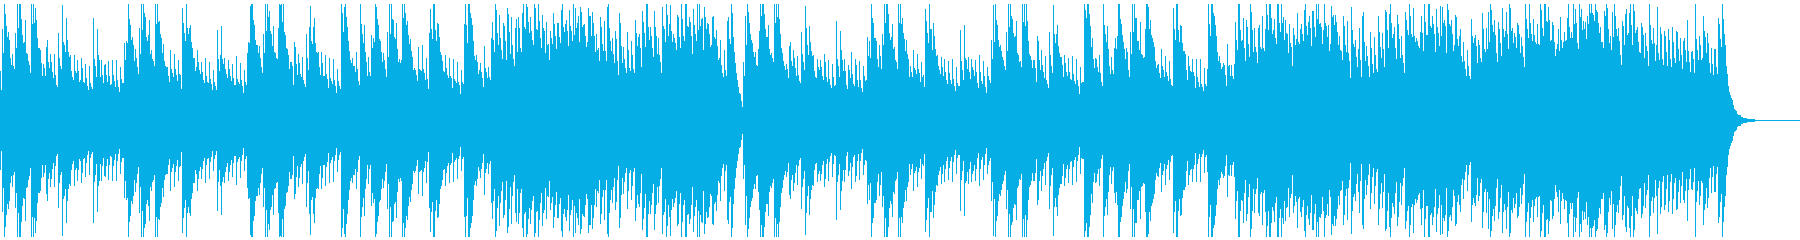 ゴシックな雰囲気の妖しいオルゴール曲の再生済みの波形